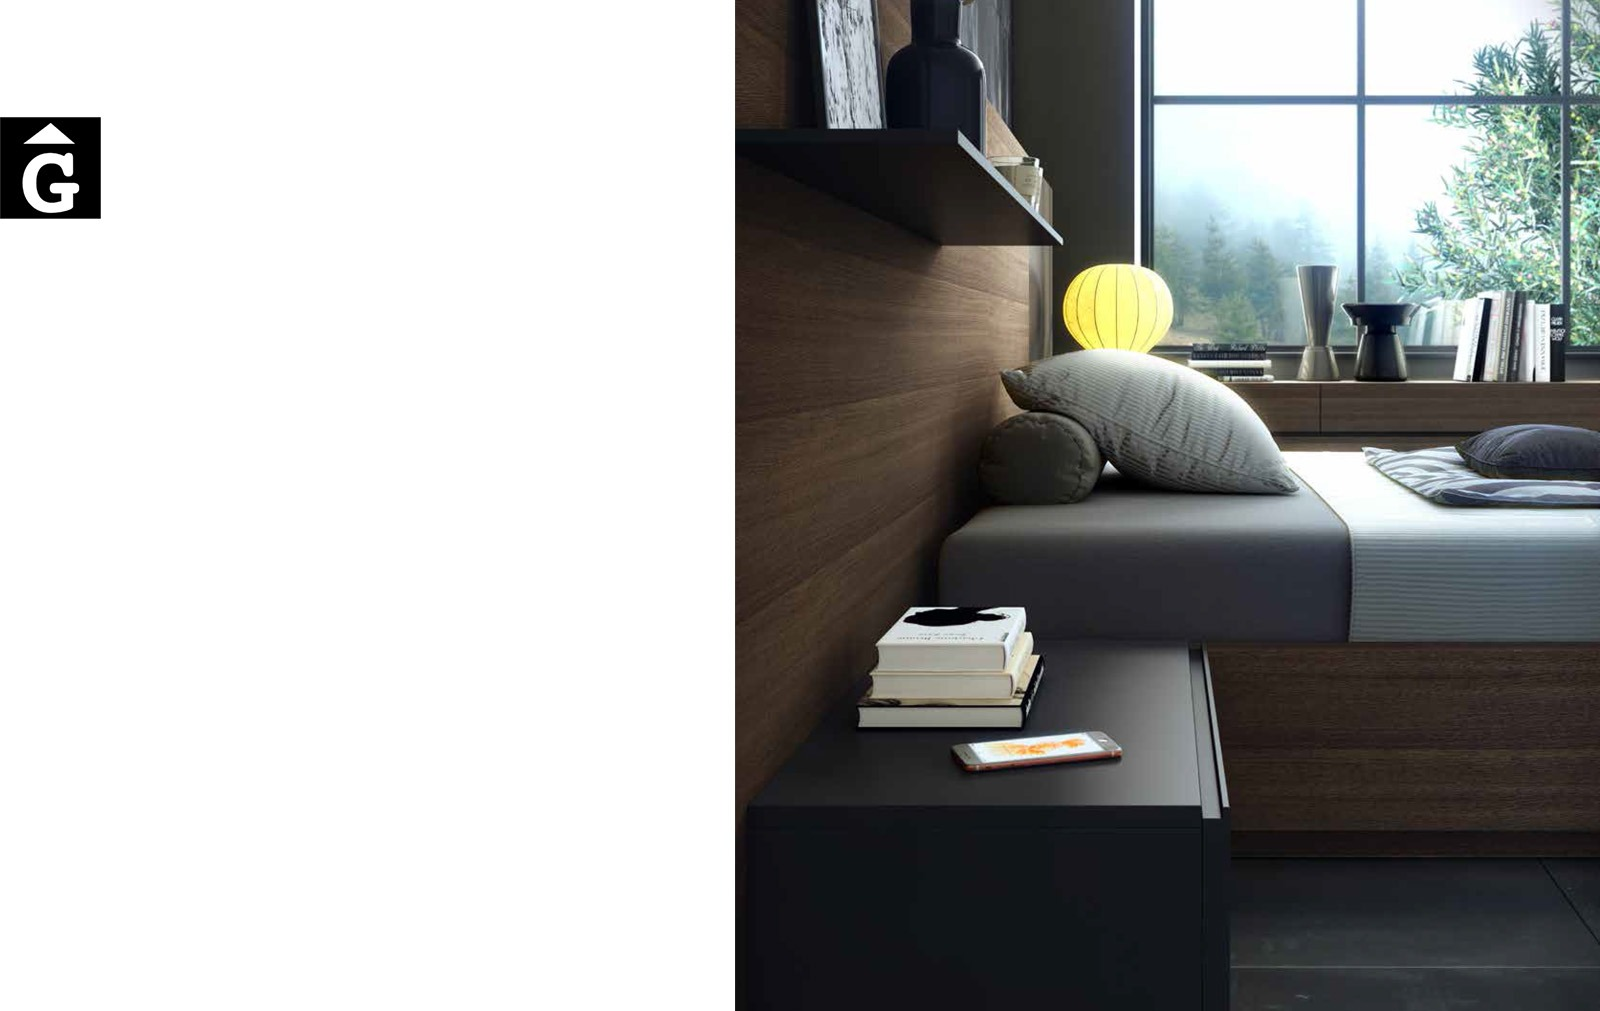 22 0 Area mobles Ciurans per mobles Gifreu programa modular disseny atemporal realitzat amb materials i ferratges de qualitat estil modern minimal